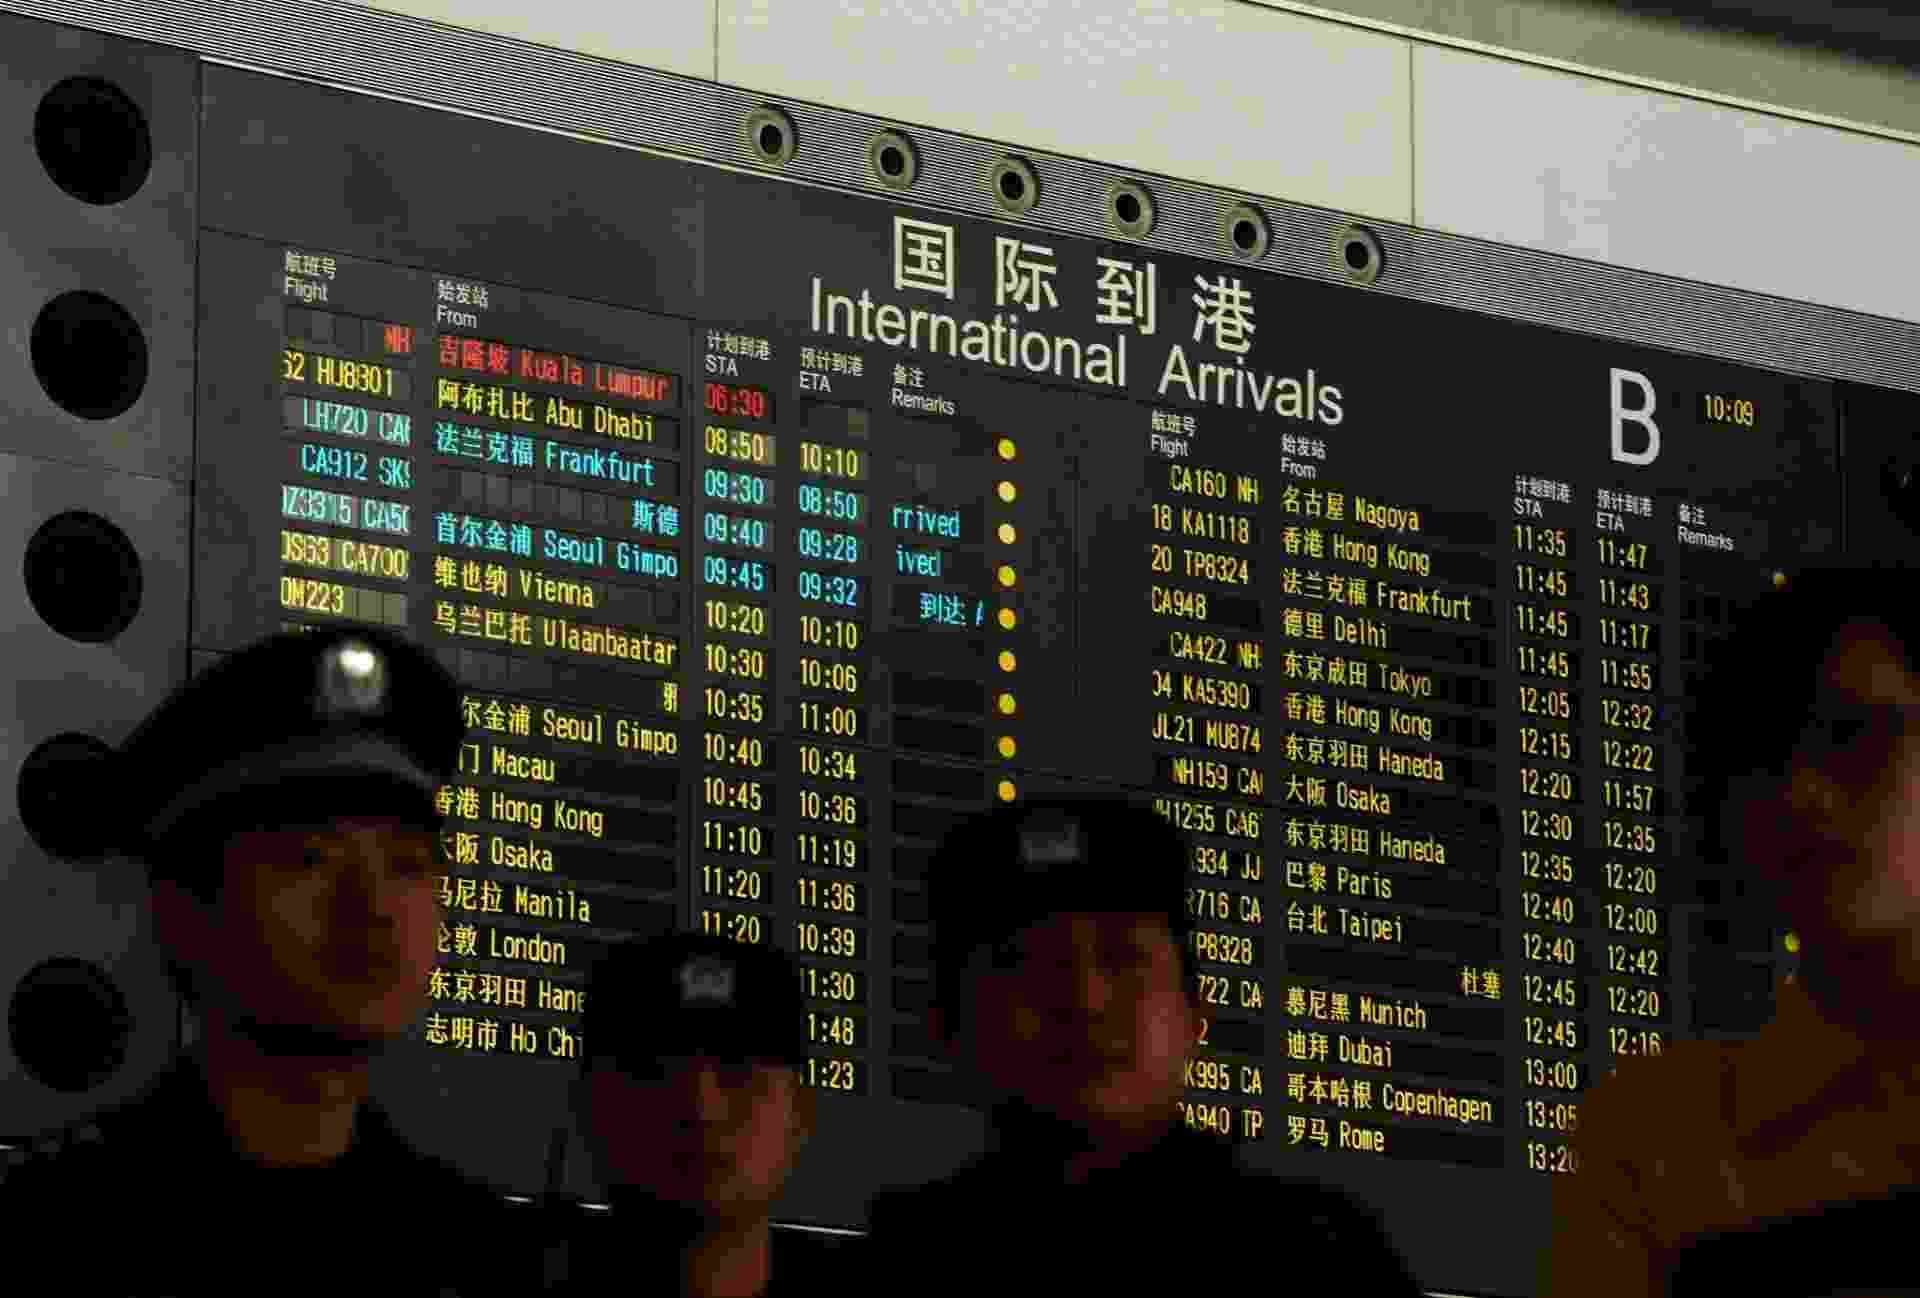 8.mar.2014 - Painel no Aeroporto Internacional de Pequim mostra, em vermelho, o voo MH370, da Malaysia Airlines, que leva 239 pessoas e perdeu contato com o controle terrestre - Mark Ralston/Reuters